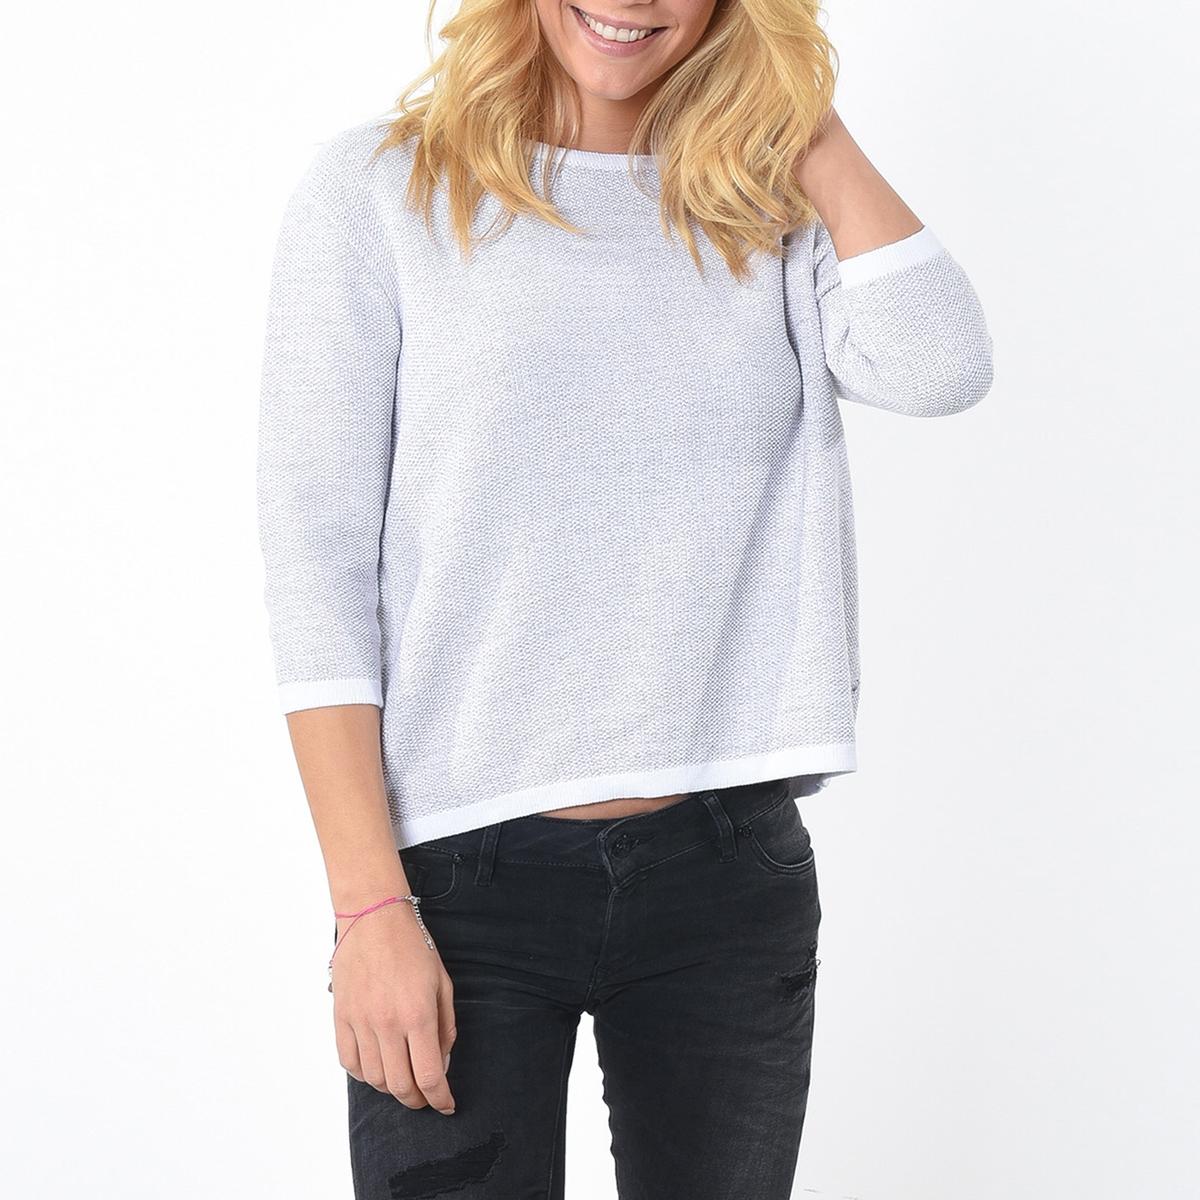 Пуловер с круглым вырезом из хлопкаДетали  •  Классическая модель •  Рукава 3/4 •  Круглый вырез •  Тонкий трикотажСостав и уход •  100% хлопок •  Следуйте советам по уходу, указанным на этикетке<br><br>Цвет: светло-серый<br>Размер: M.S